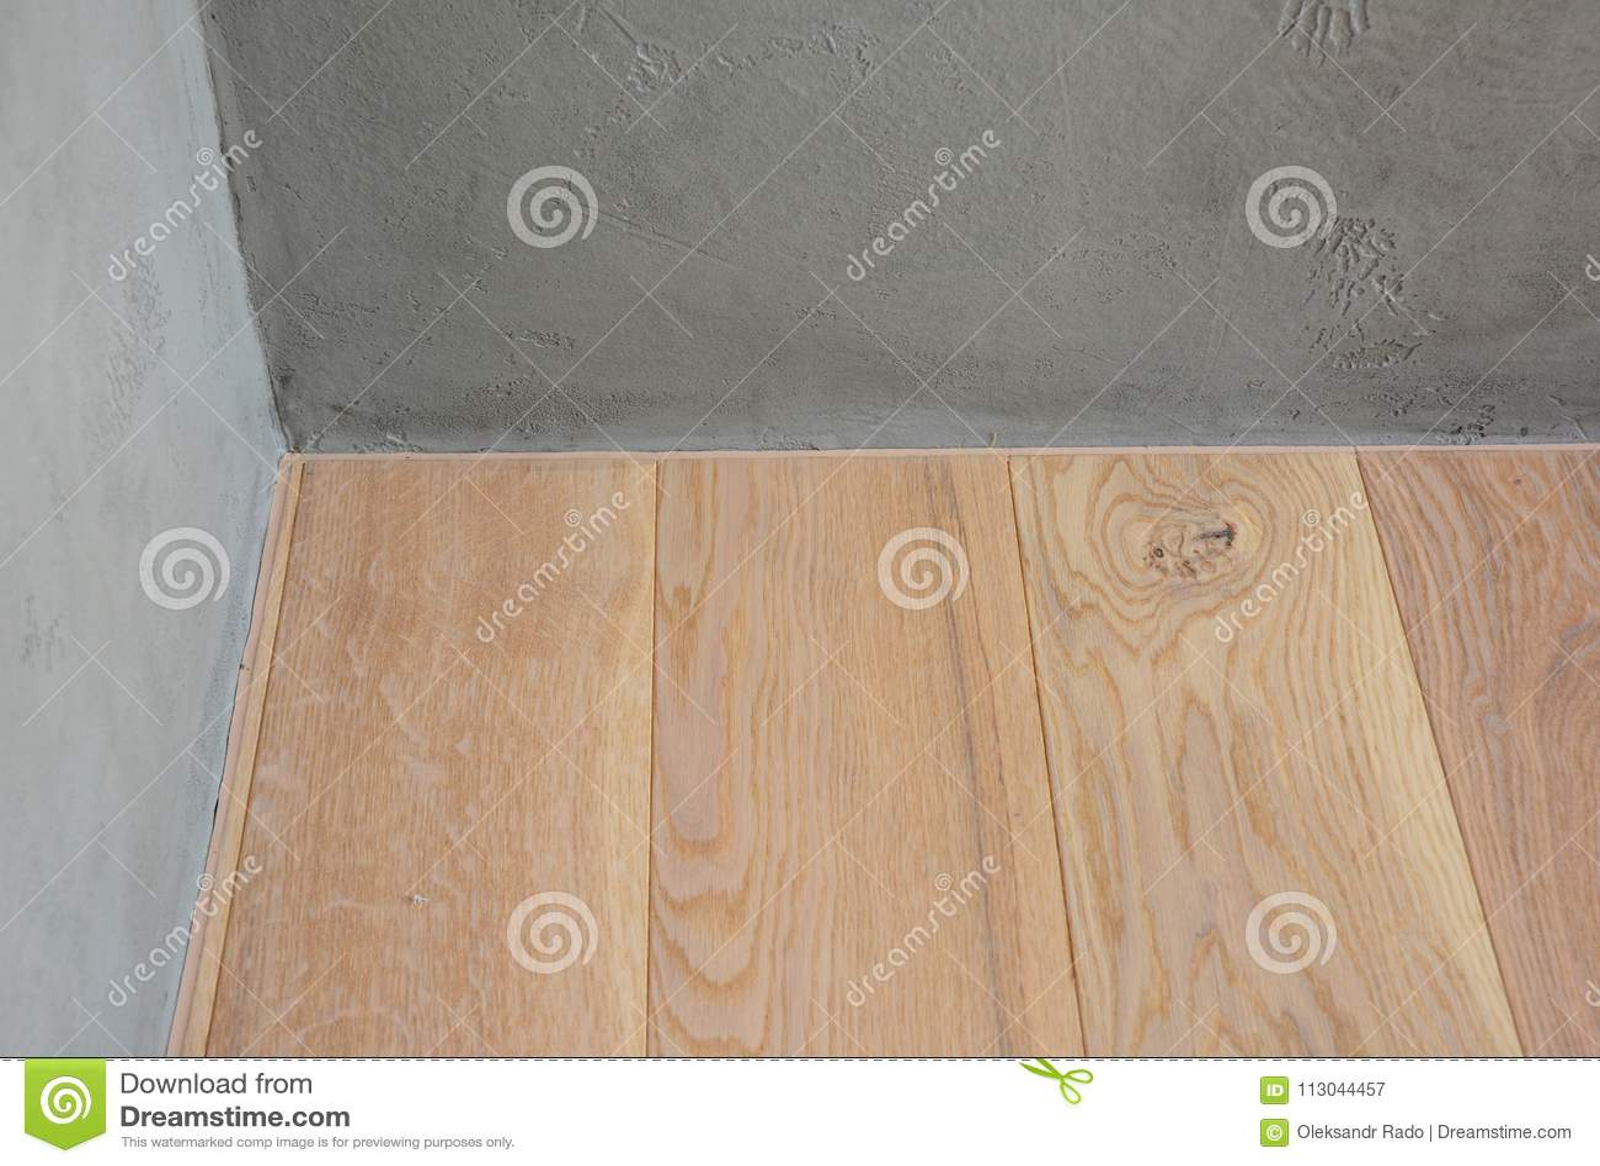 Fußboden Ohne Fußleisten ~ Hartholzbodenbelag ohne fussleisten stockbild bild von parquet